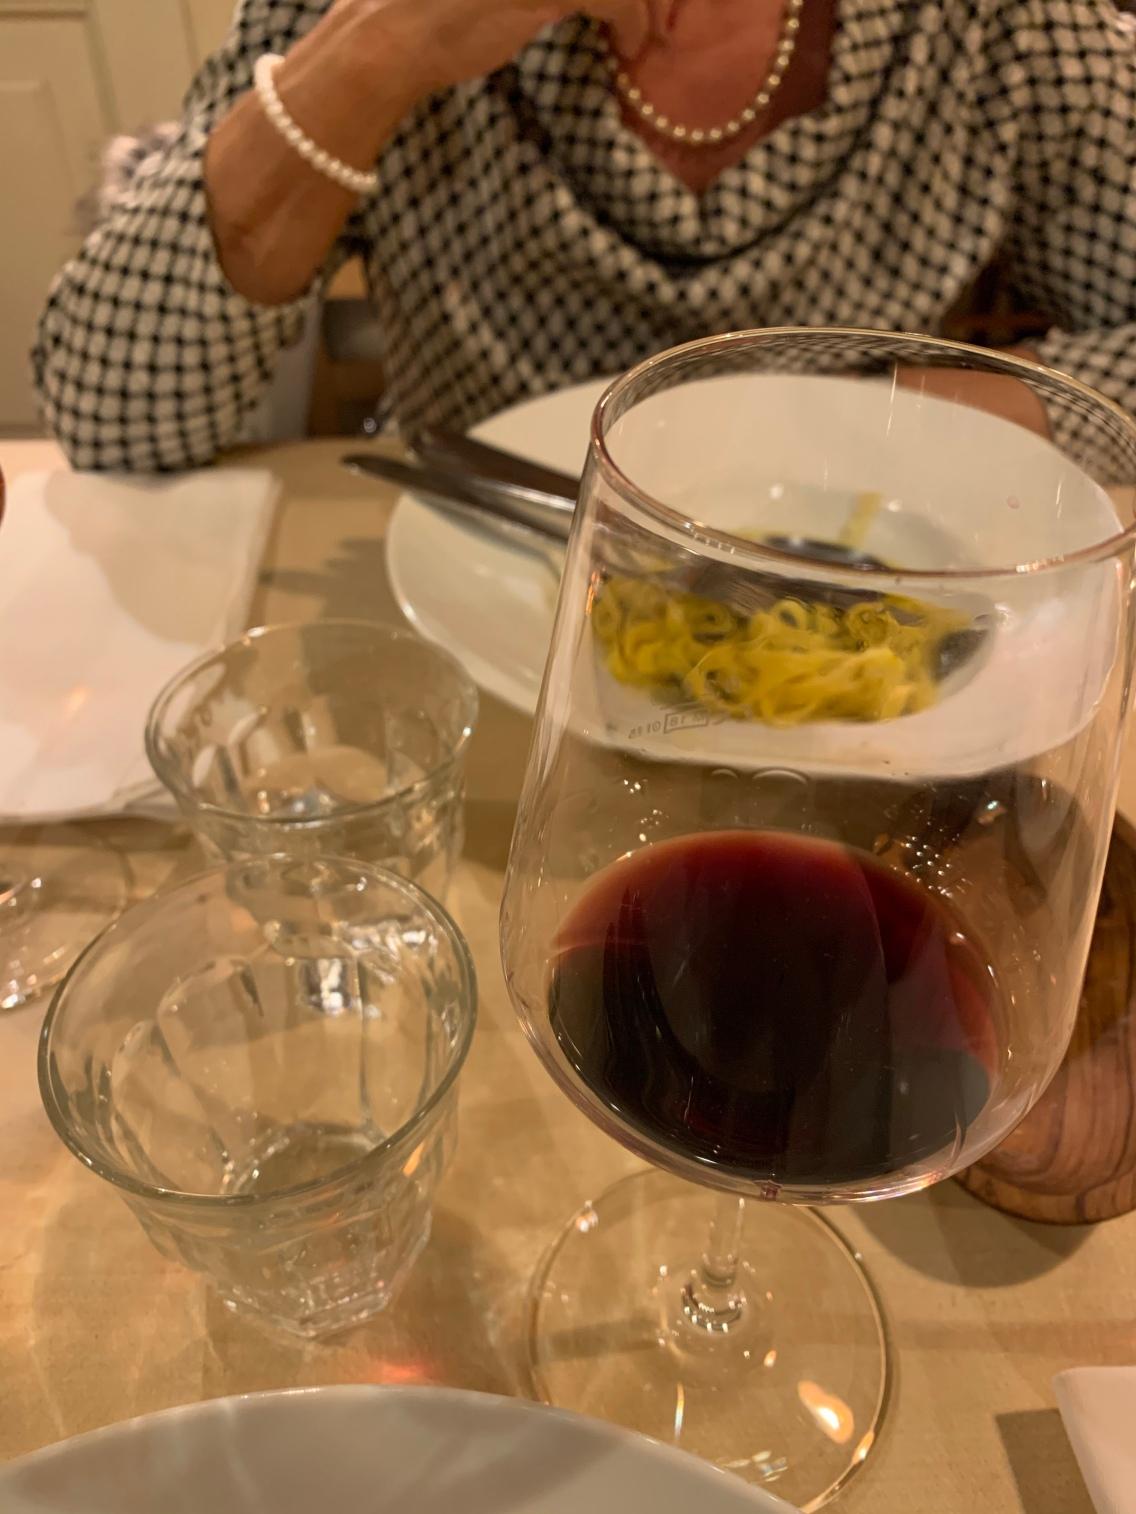 Nach dem Esse: Bei einem leckeren roten Primitivo den Abend ausklingen lassen!